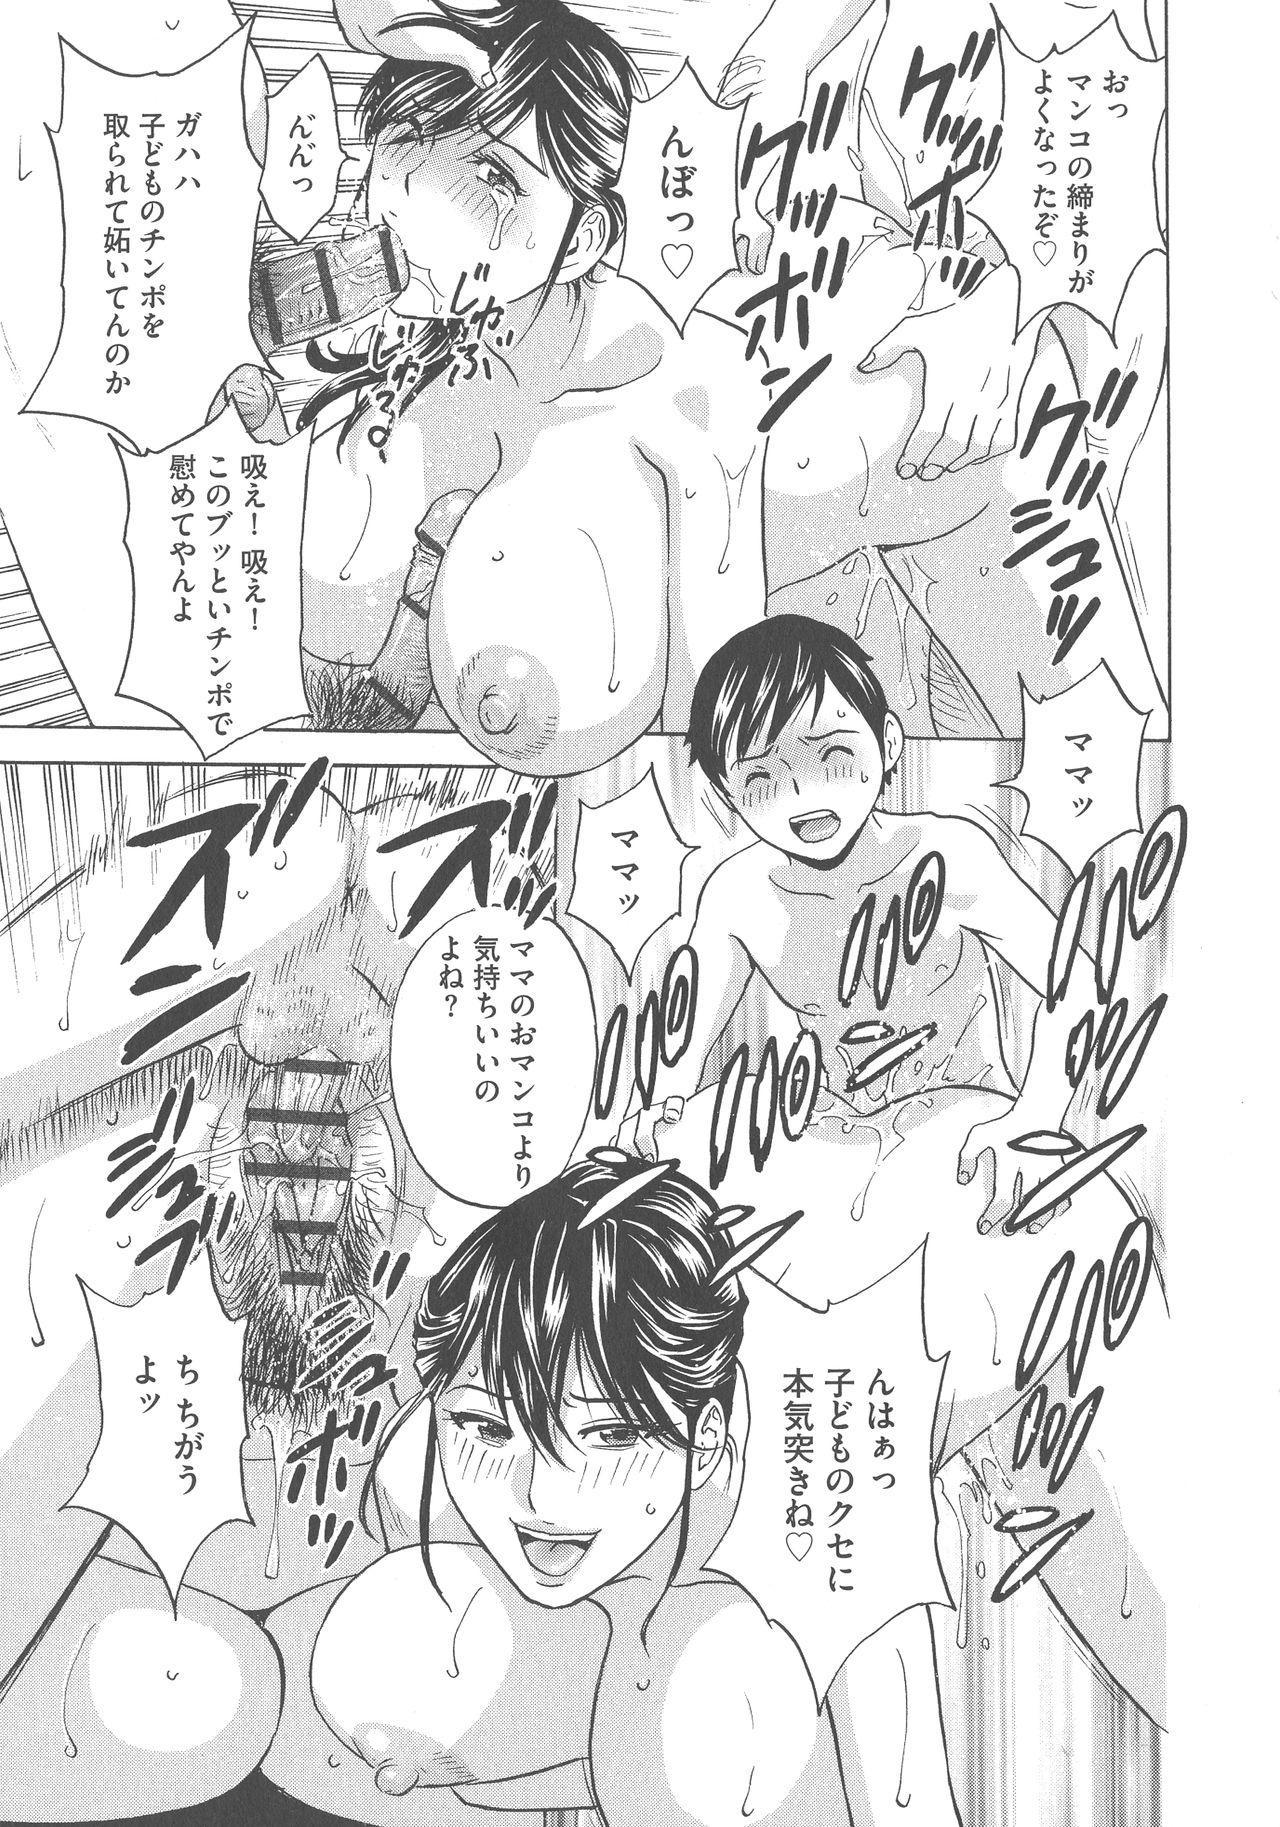 Chijoku ni Modaeru Haha no Chichi… 176